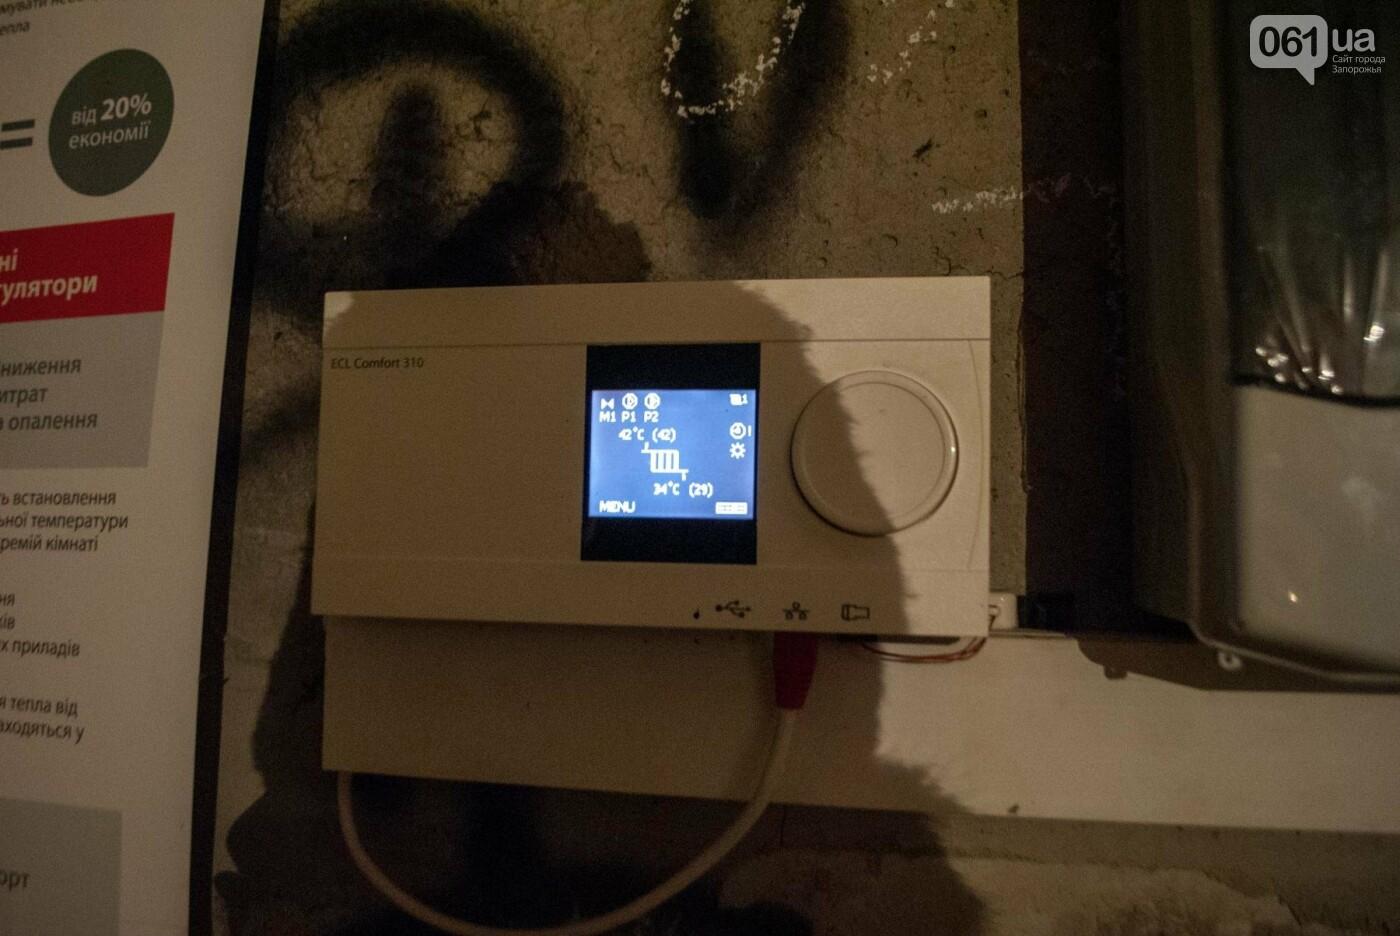 Сам себе хозяин: как запорожские ОСМД занимаются энергосбережением и значительно экономят на тарифах, — ФОТО, фото-36